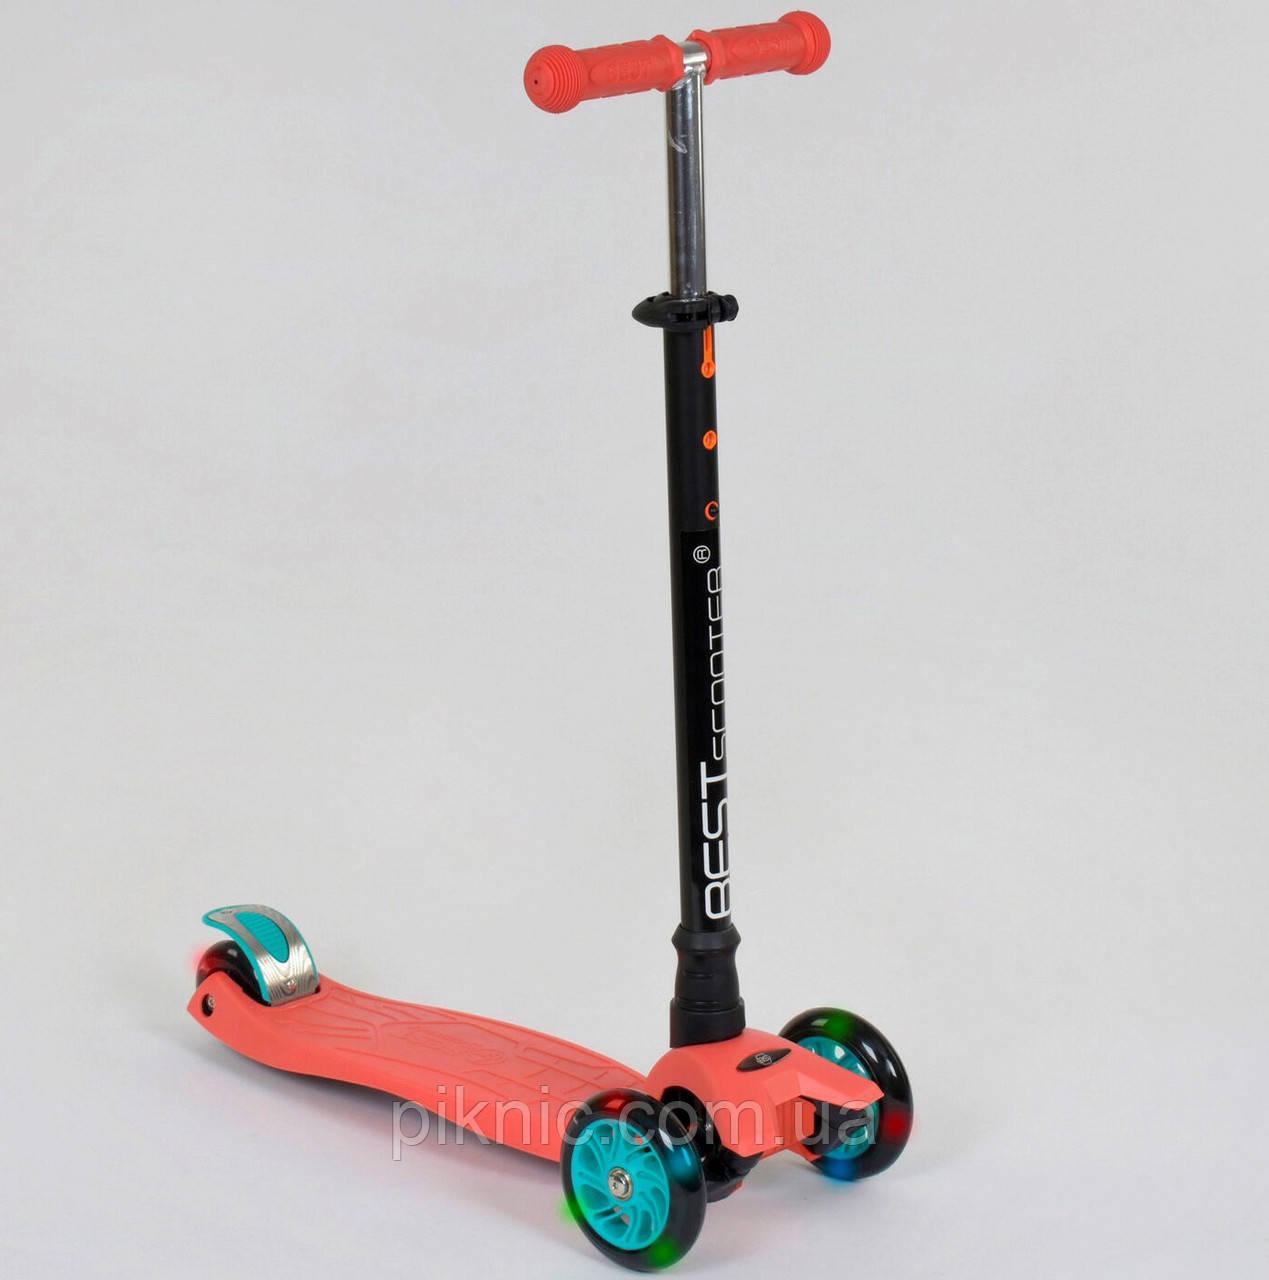 Самокат MAXI для детей от 3 лет, 4 колеса, свет, PU. Детский транспорт. Оранжевый